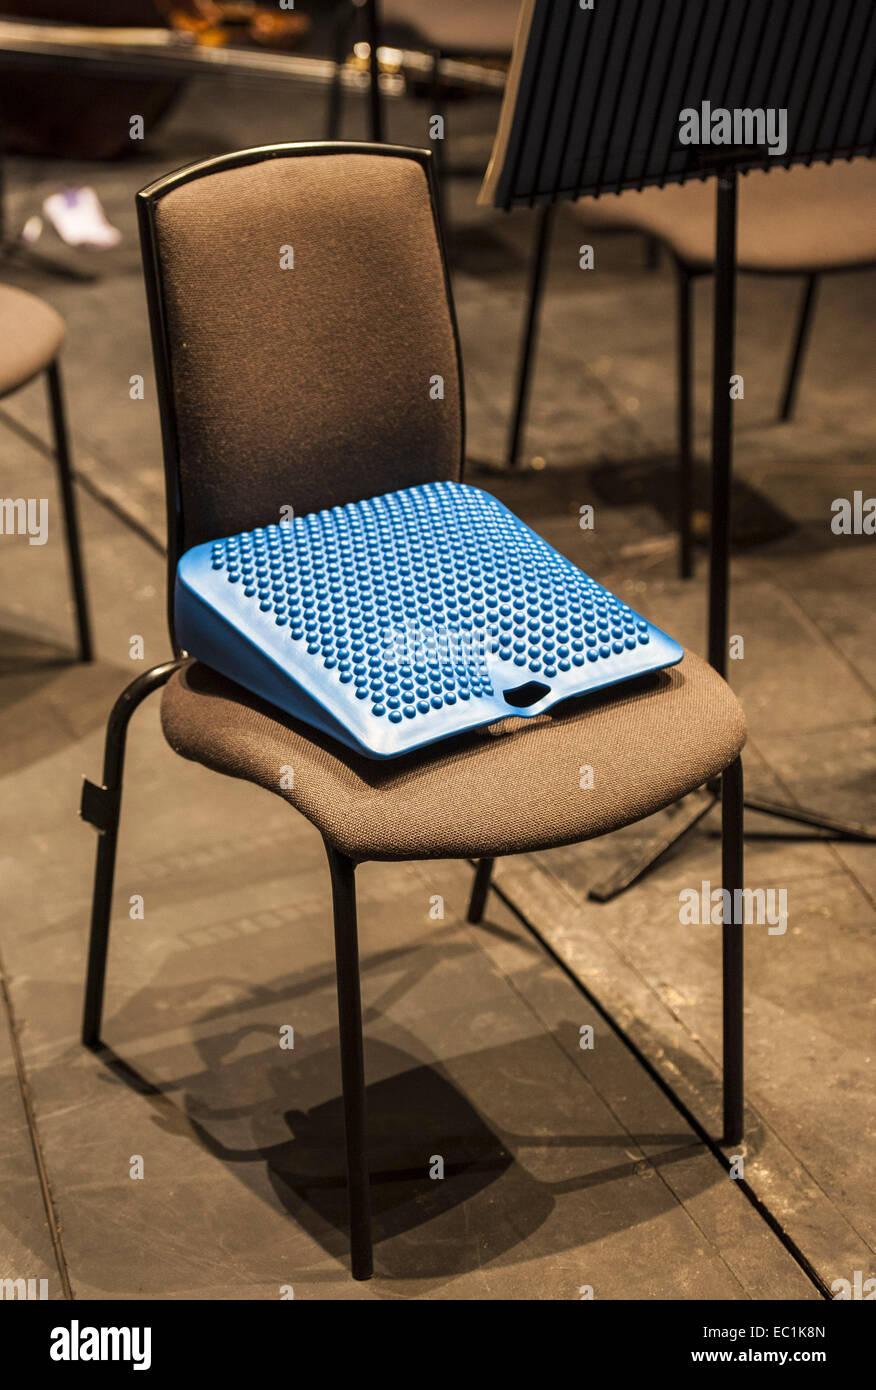 CellistÕs coussin d'appui du siège, en pente et conçu dans le caoutchouc à l'appui de Photo Stock